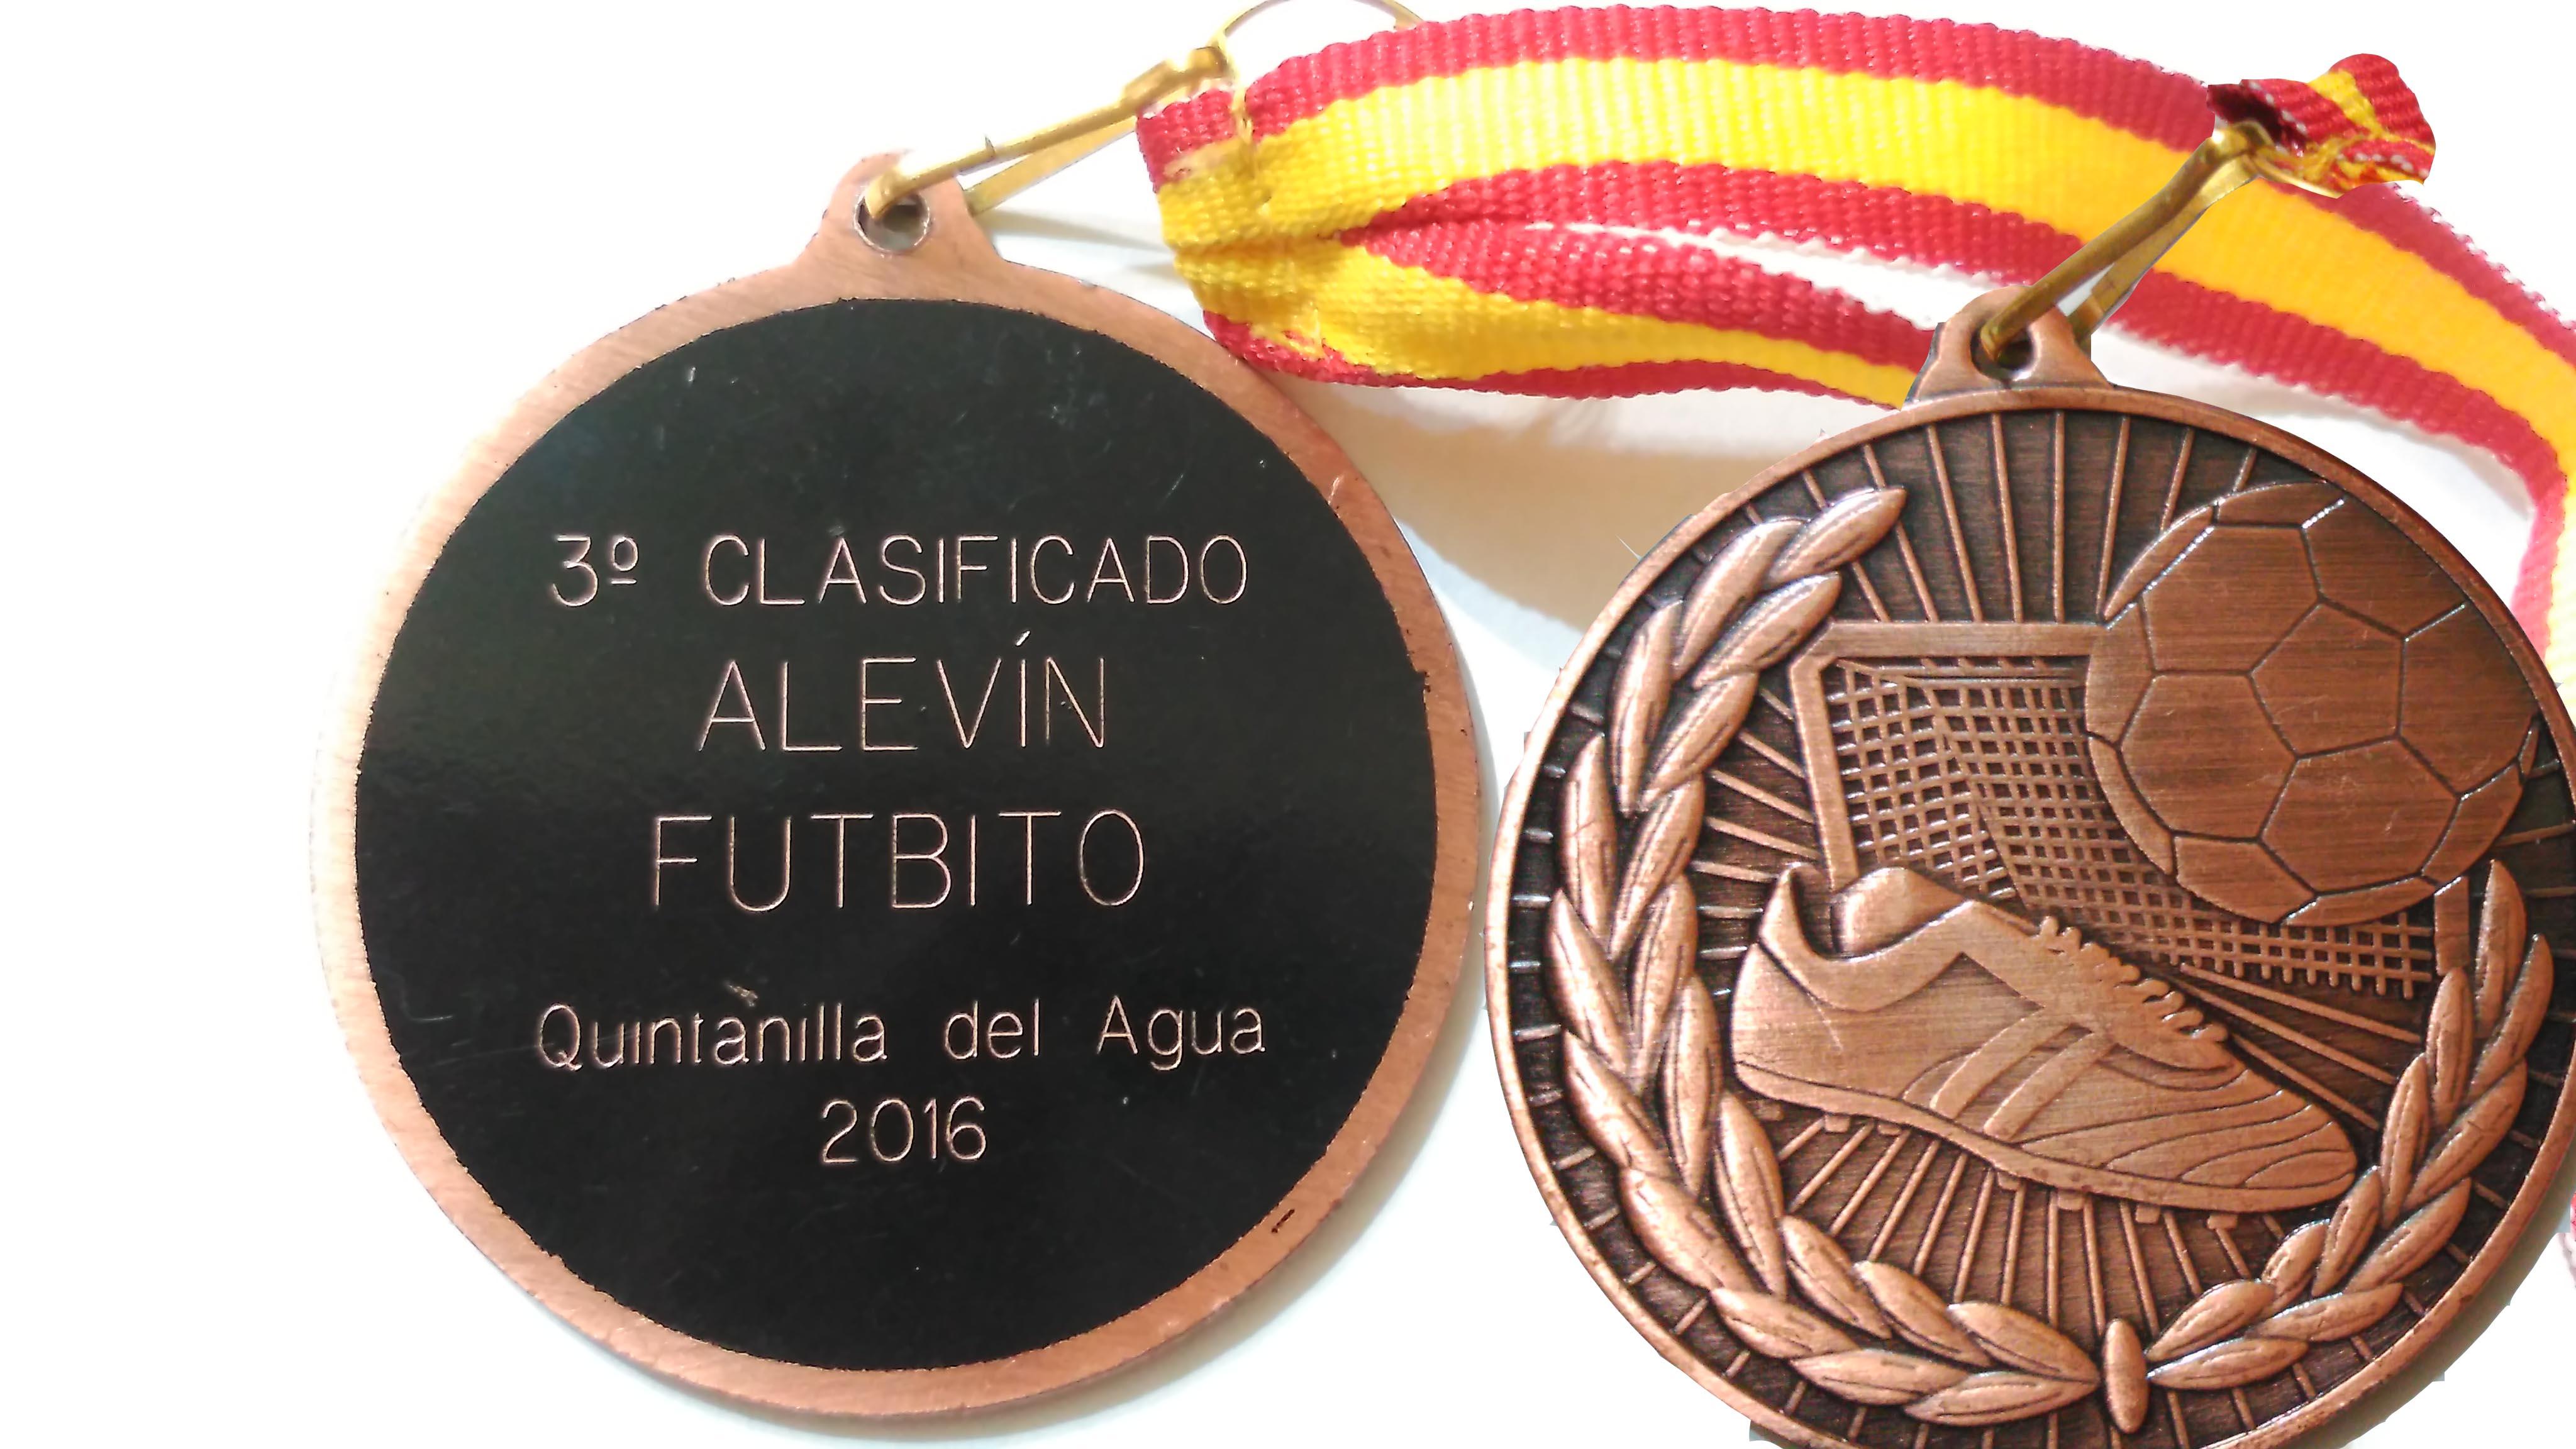 Mecerreyes medallas de futbito 2016 ganada en Quintanilla del Agua